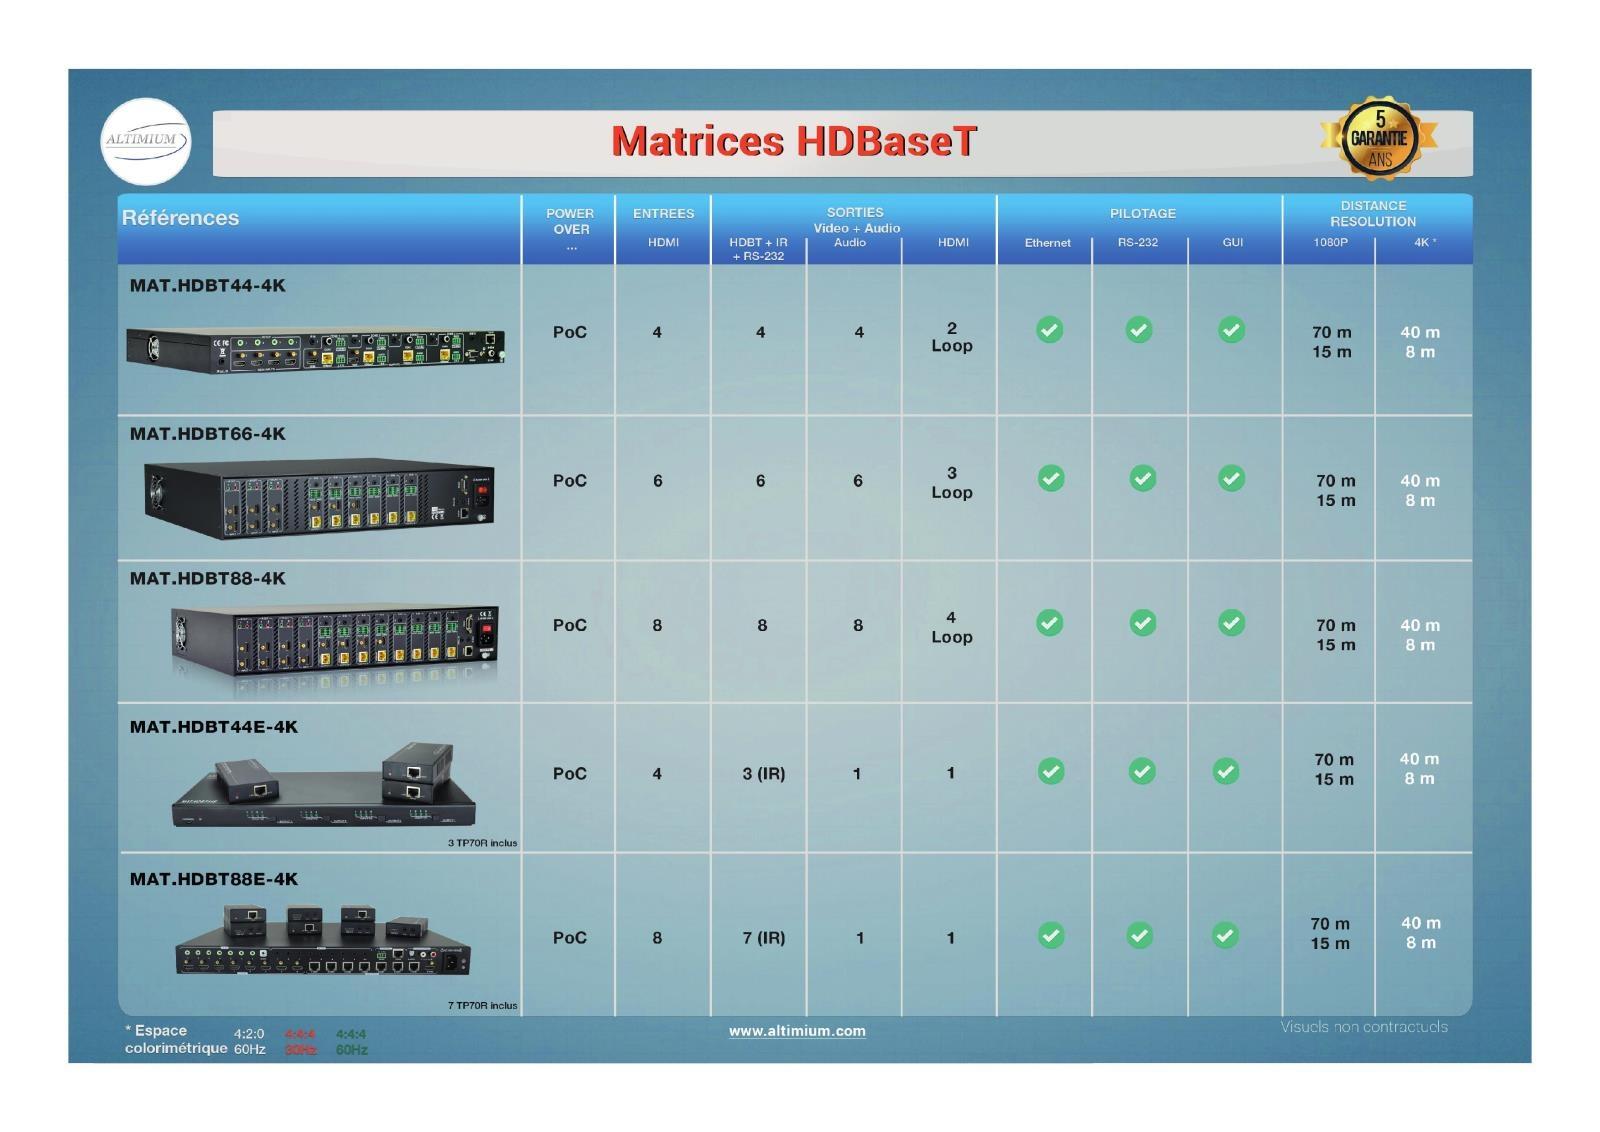 tableau comparaison Matrices HDBT Altimium